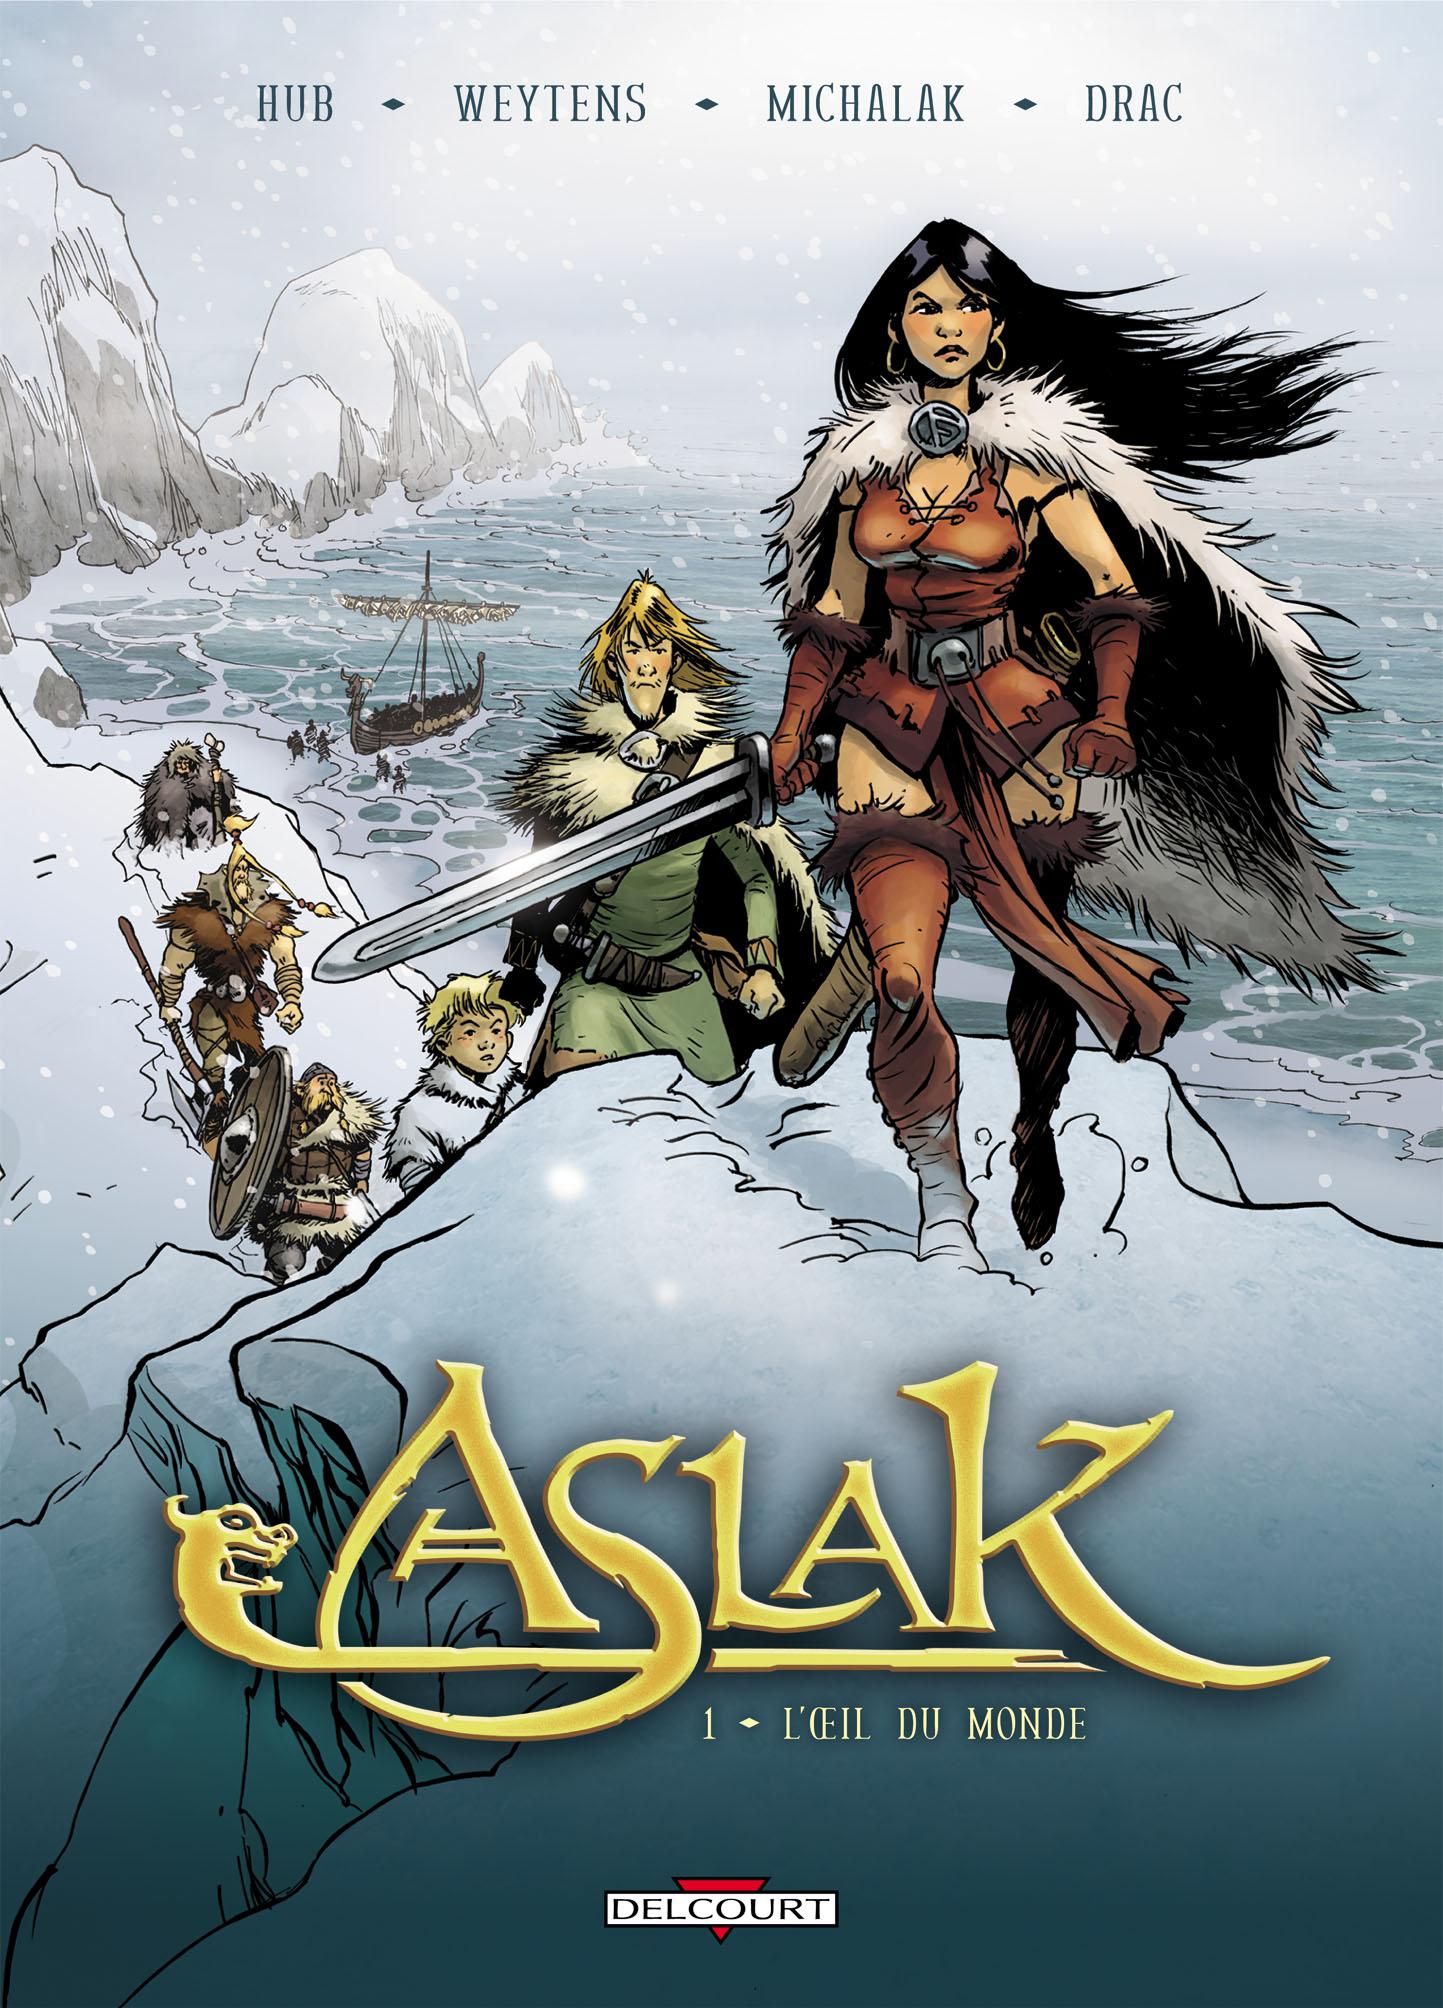 Aslak 1 - L'oeil du monde